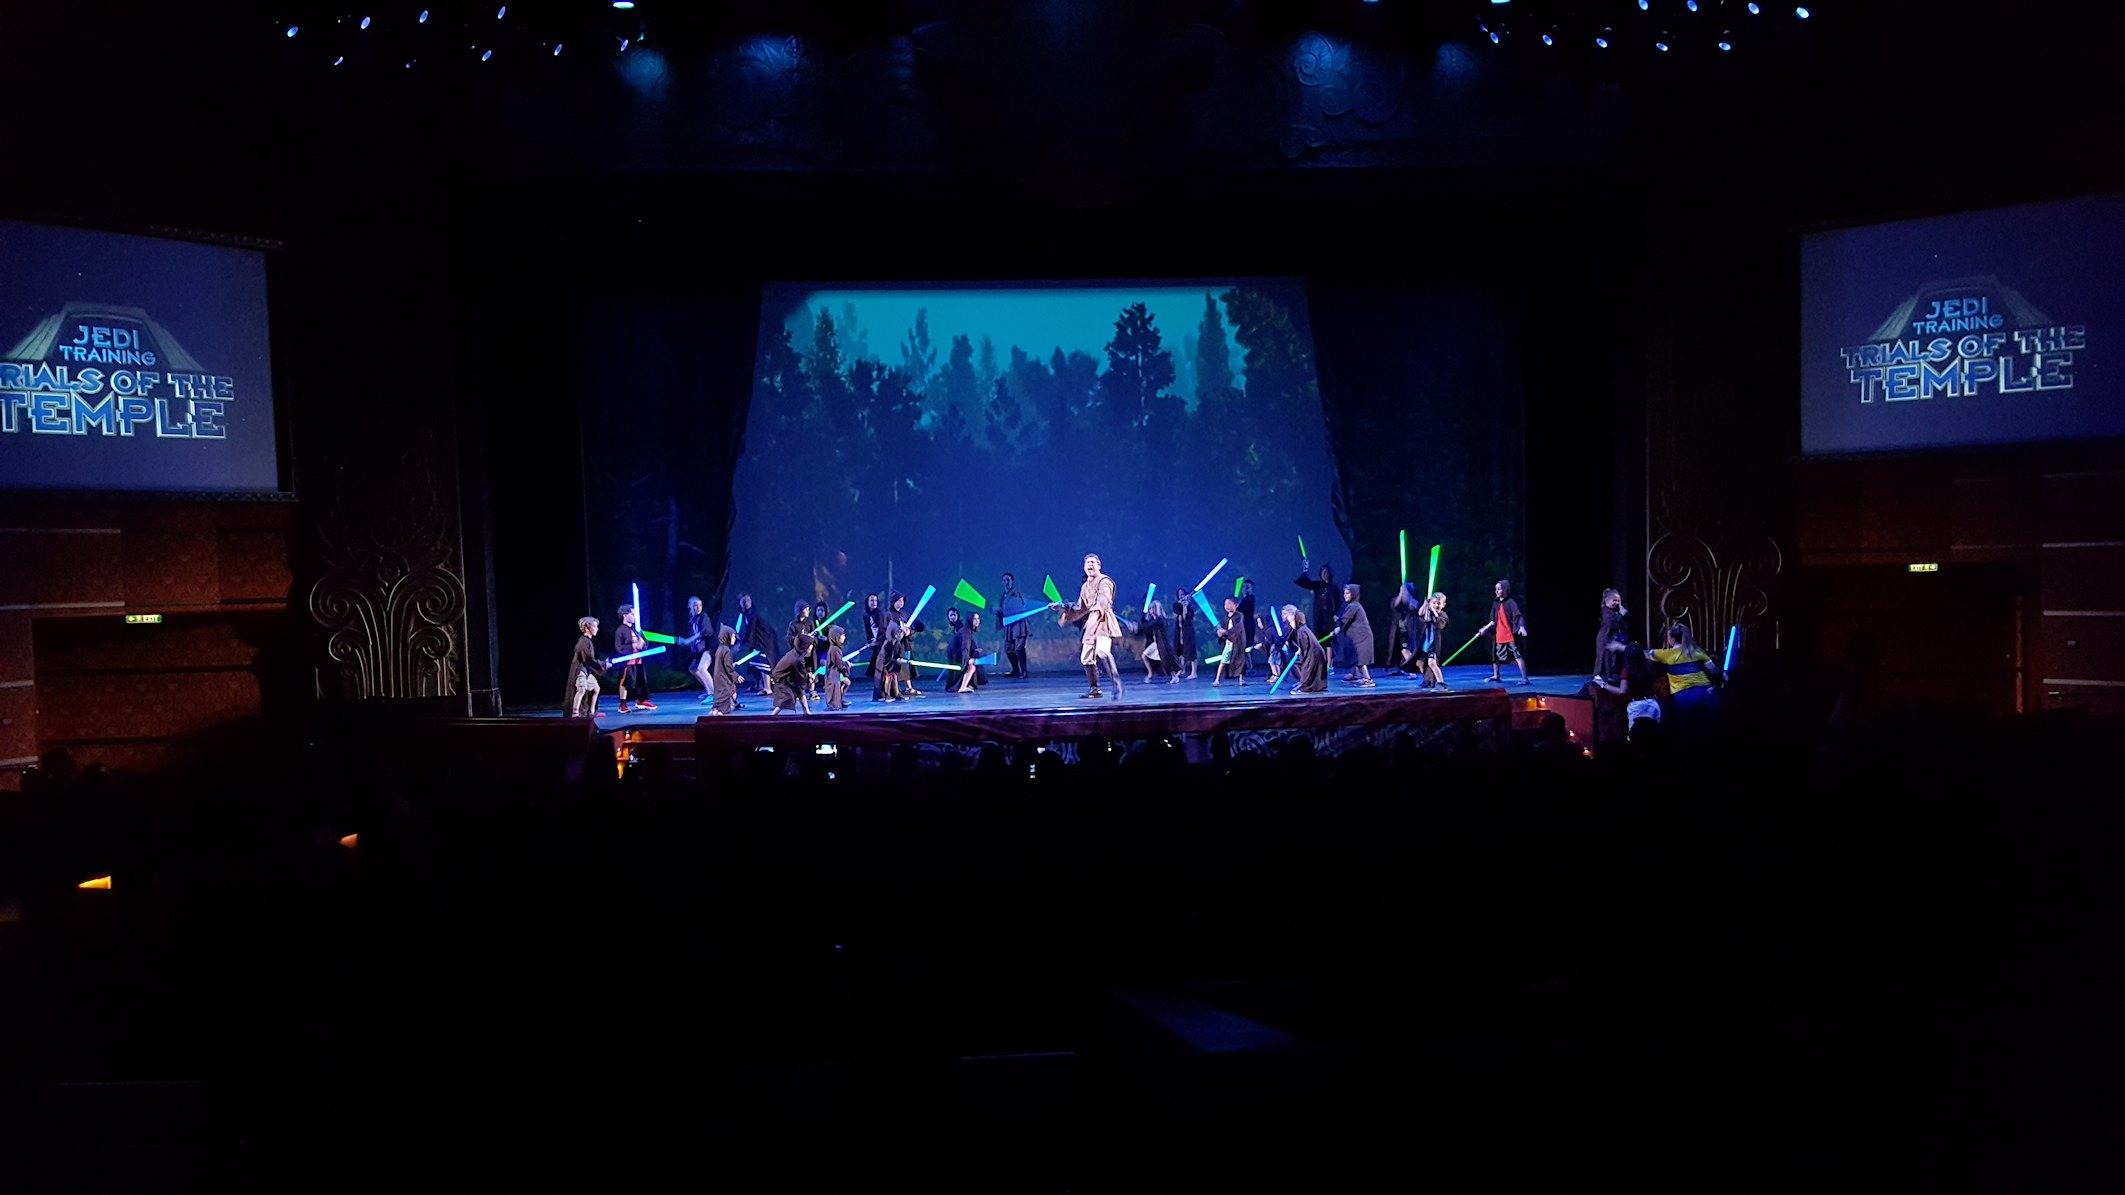 Szkolenie Jedi w teatrze na statku Disney Dream